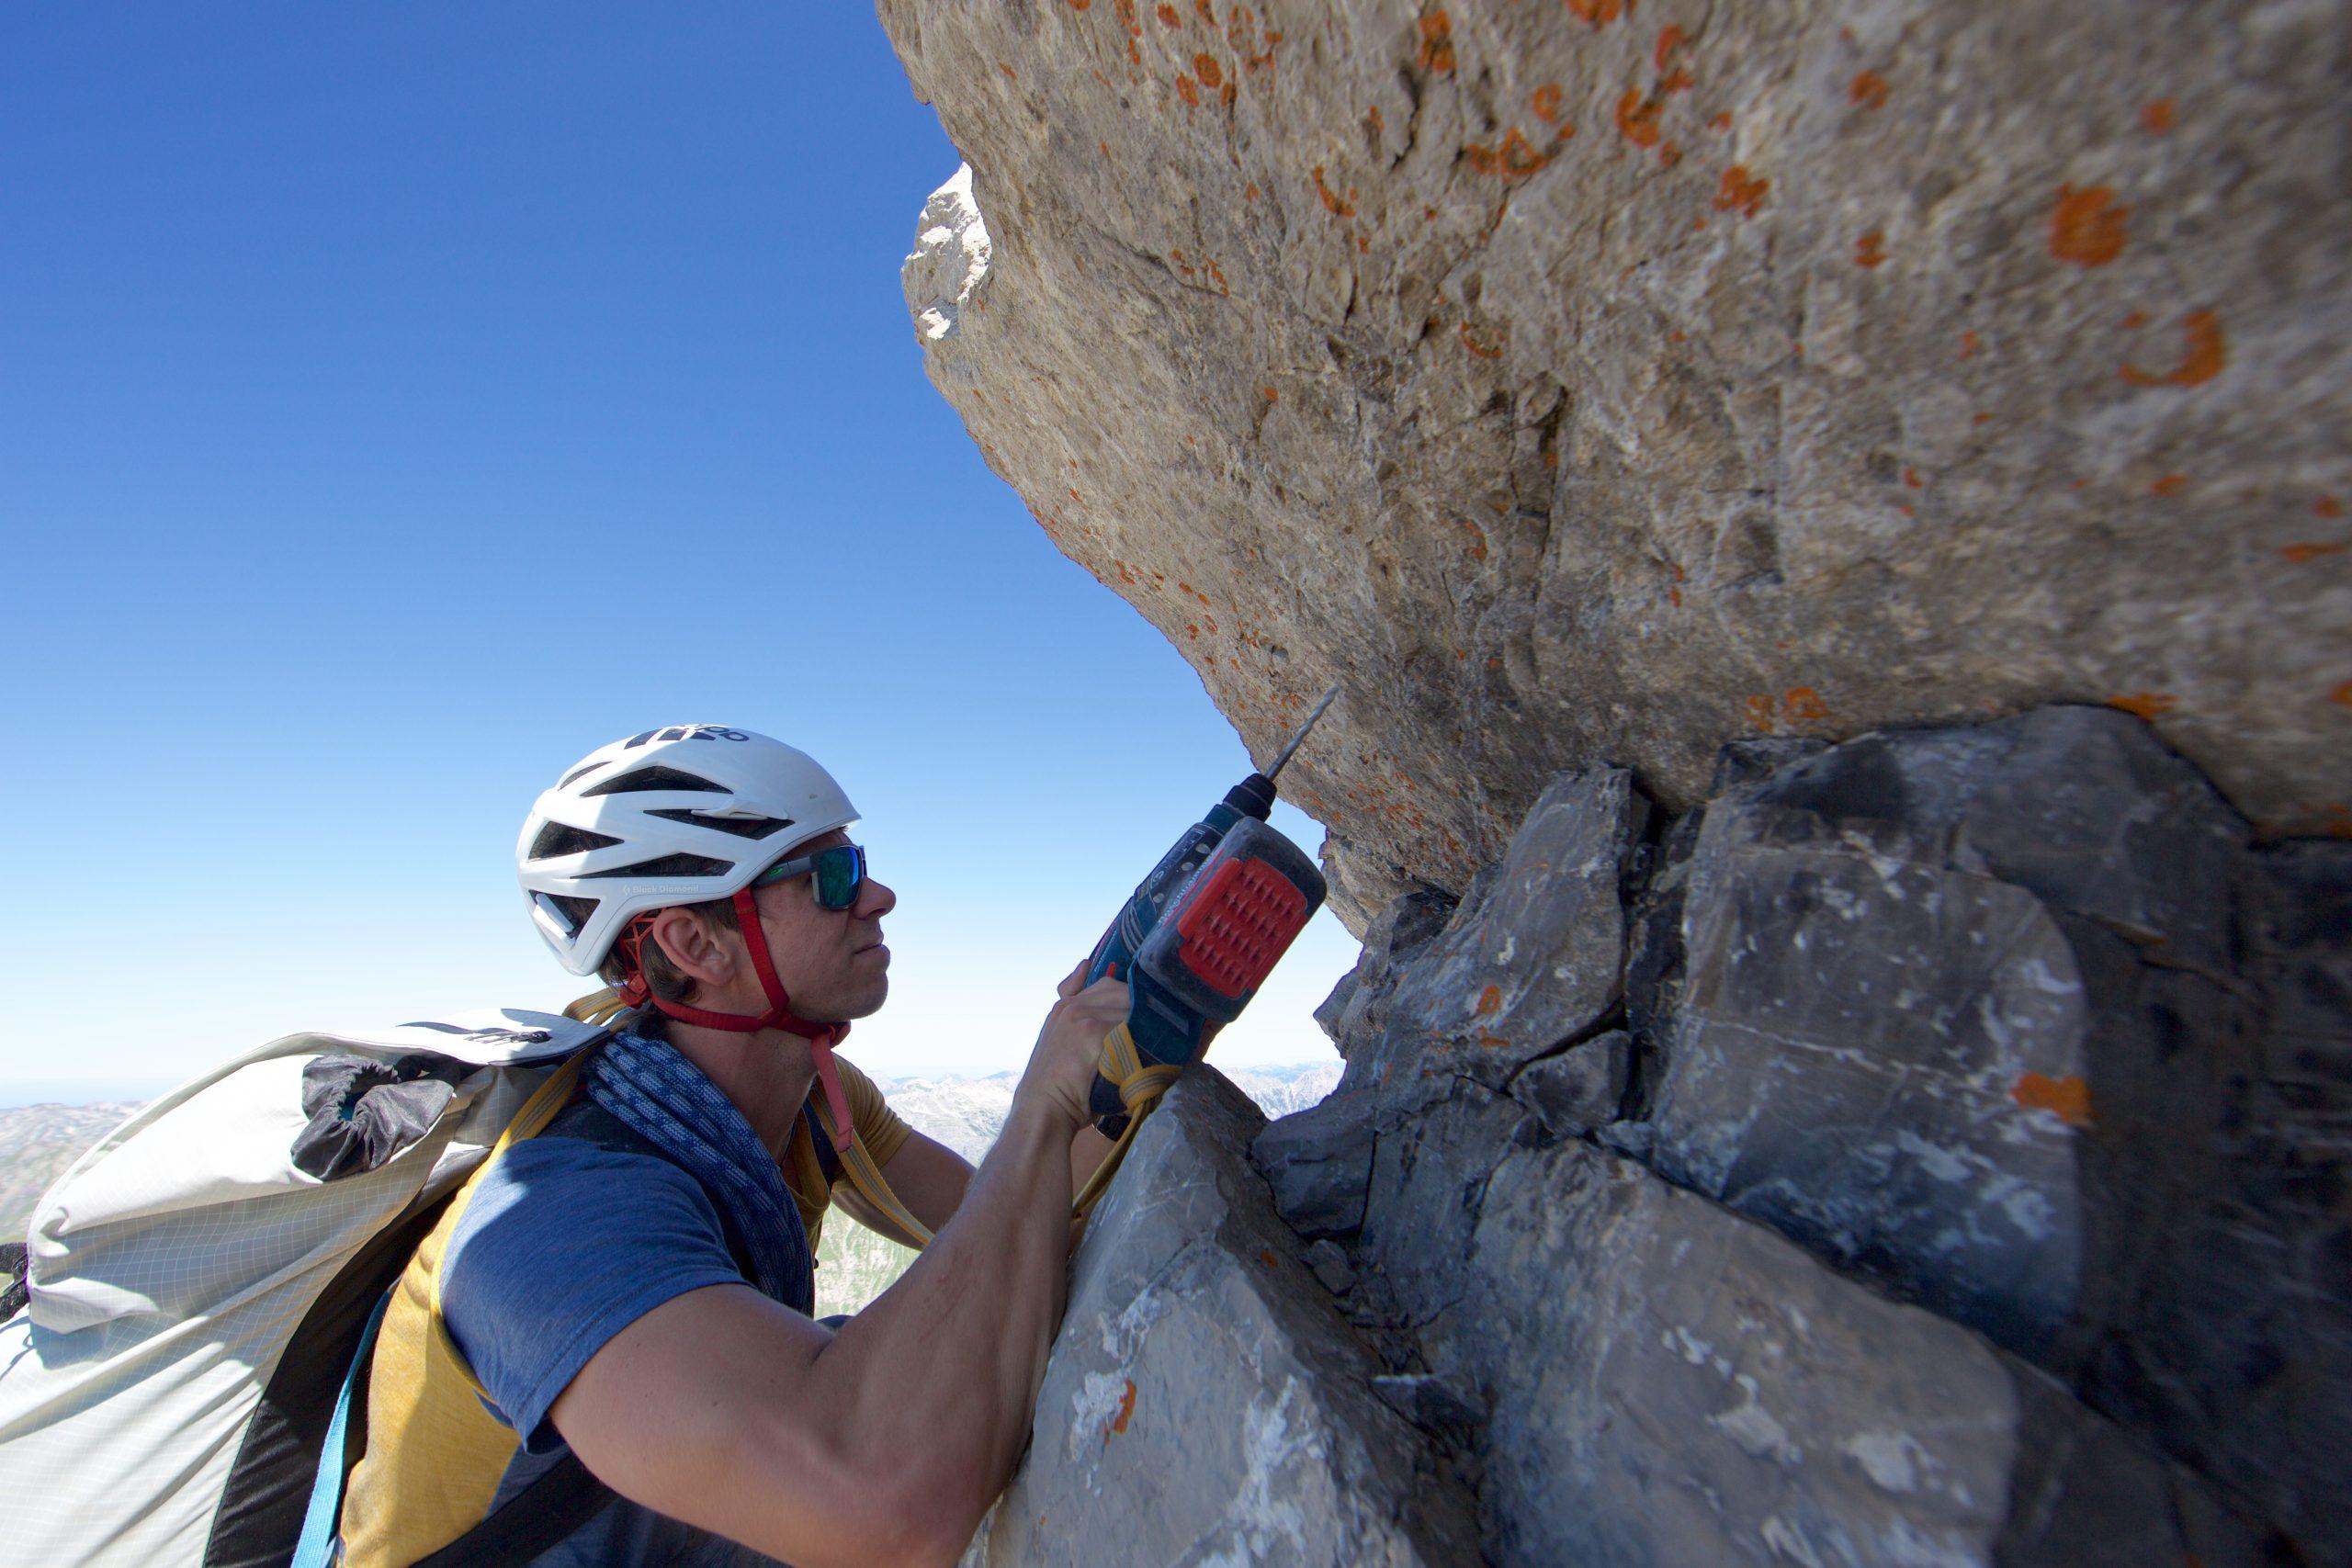 Gefühlvoll: Bergführer Marvin Kärle legt Wert auf Sorgfalt beim Erschließen. (Foto: Marvin Kärle)